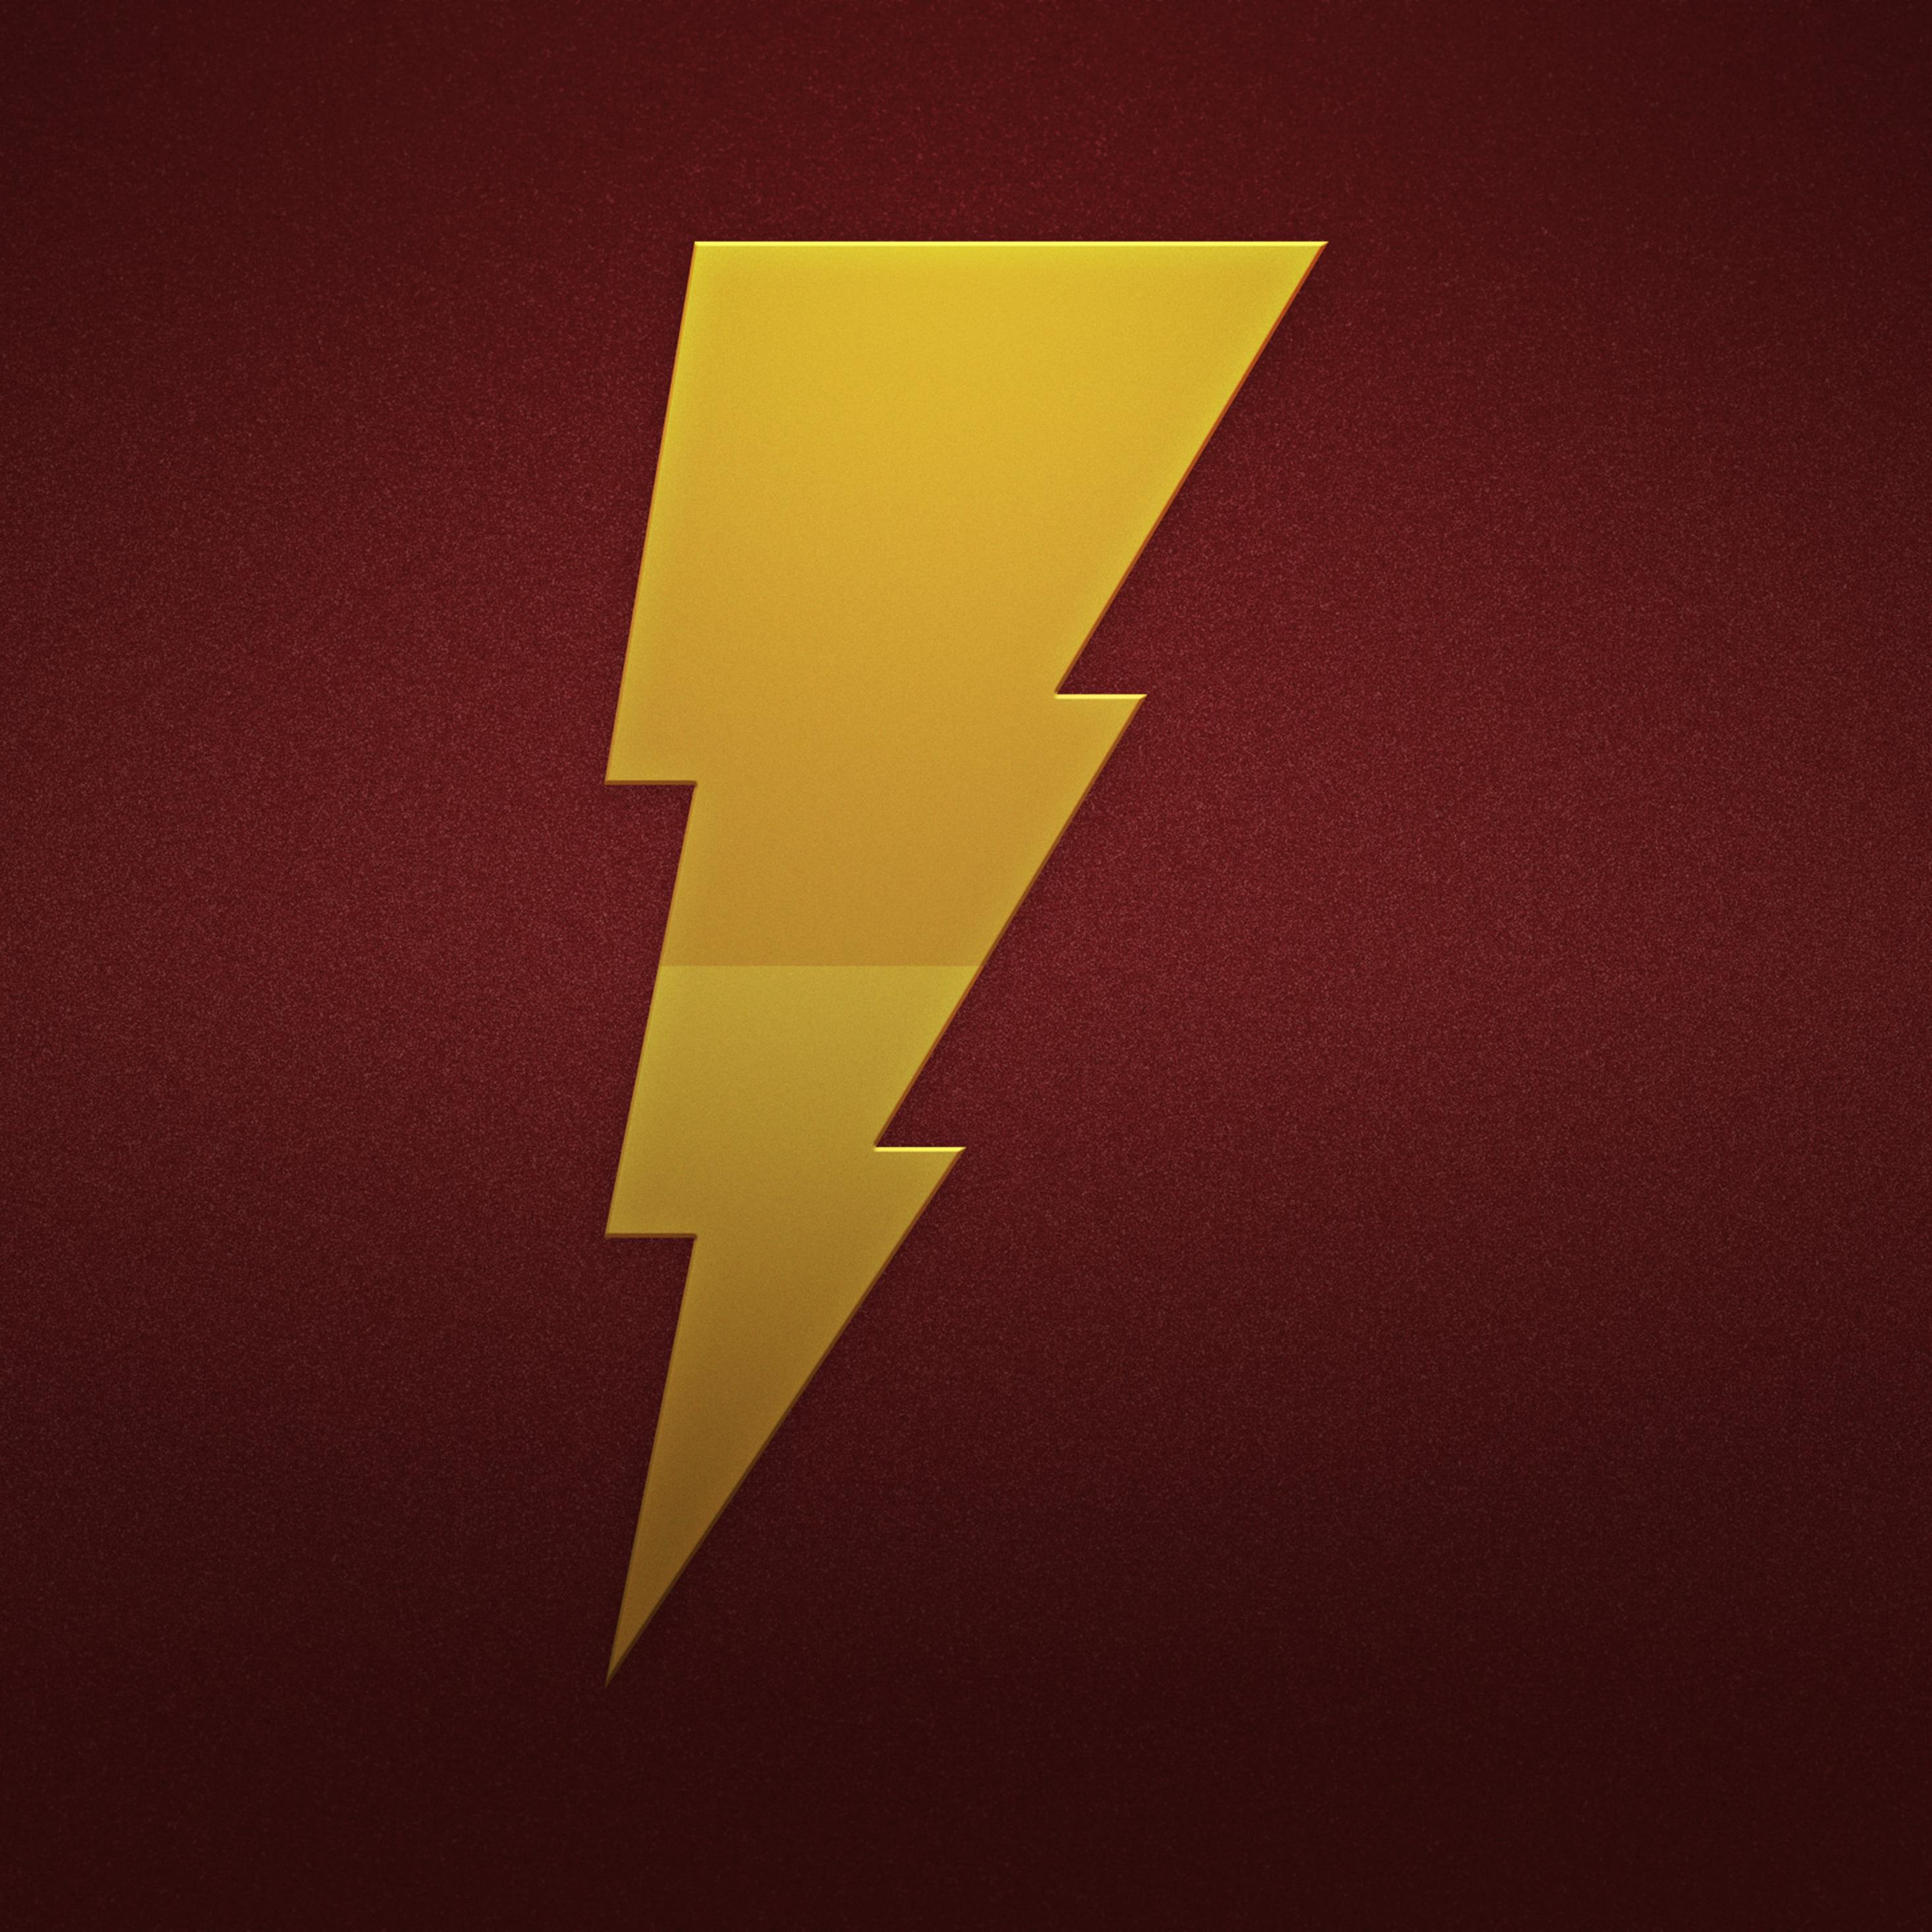 shazam-logo-8z.jpg